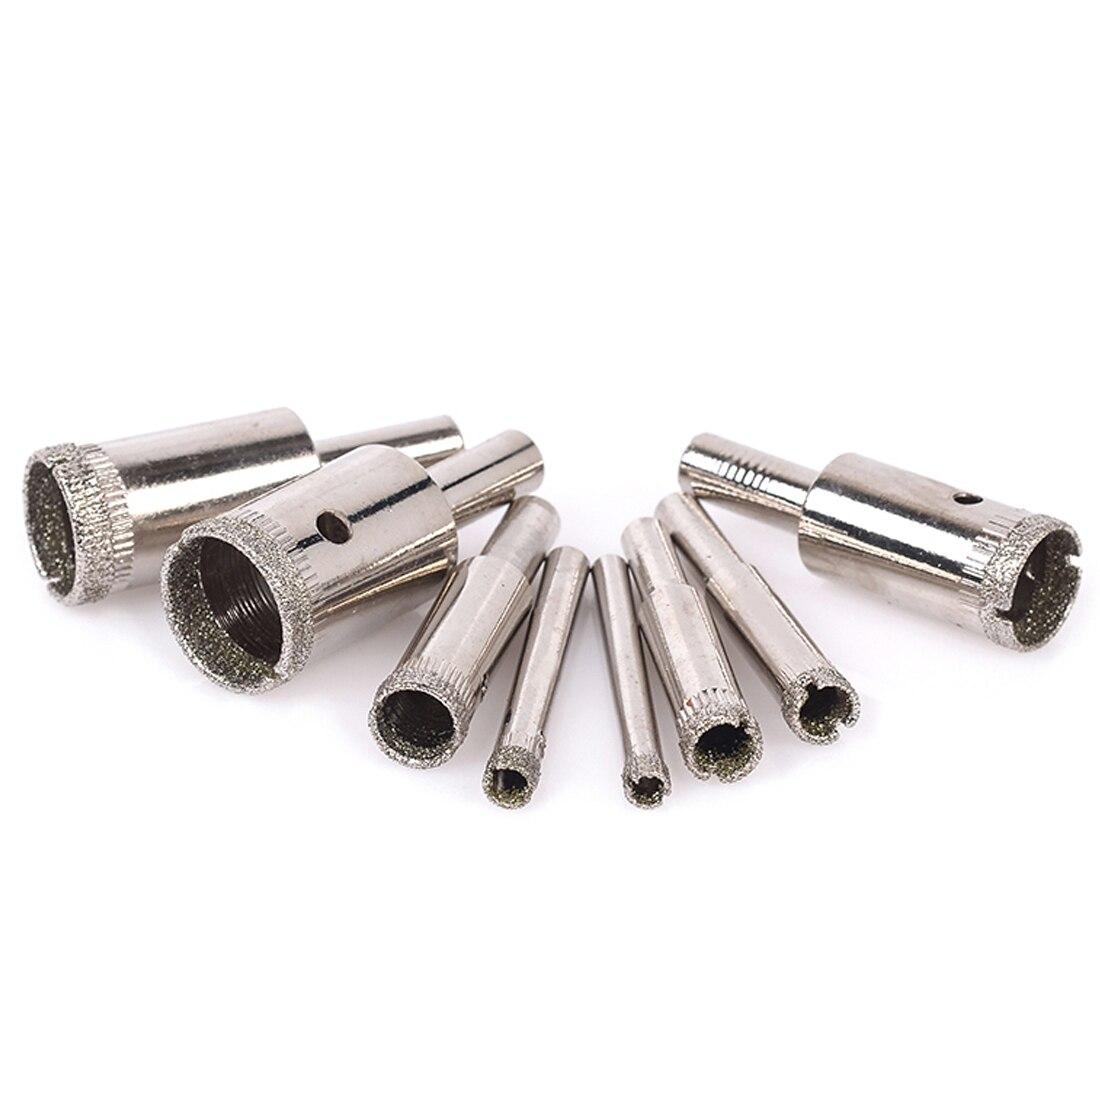 10 Pcs 3-13mm Diamond Tool Drill Bit Hole Saw Set Glass Ceramic Marble Tile Kit